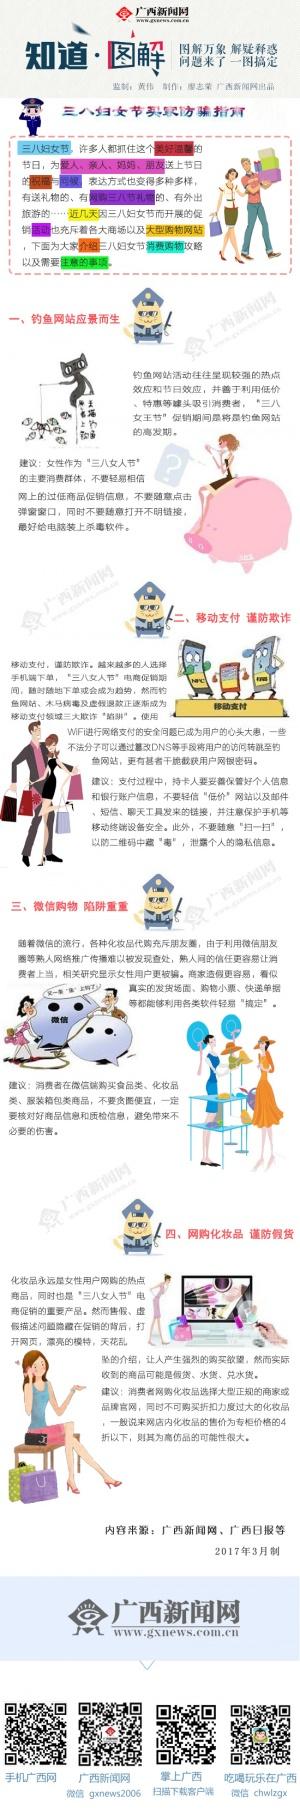 [图解]三八妇女节买家防骗指南